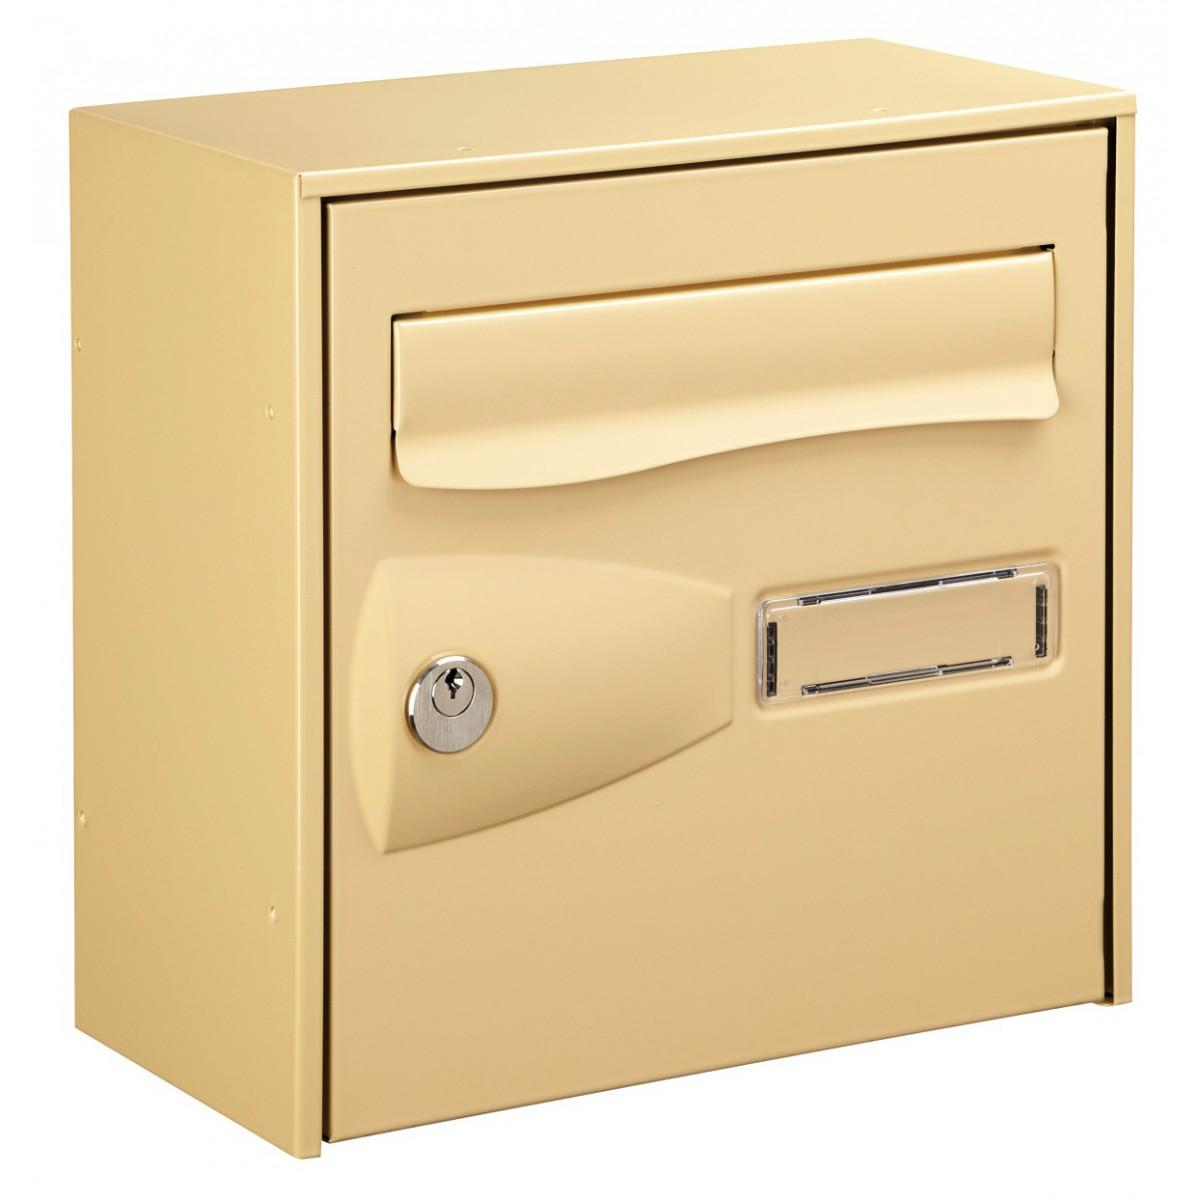 Boîte aux lettres Citadis Decayeux - Simple face - Beige